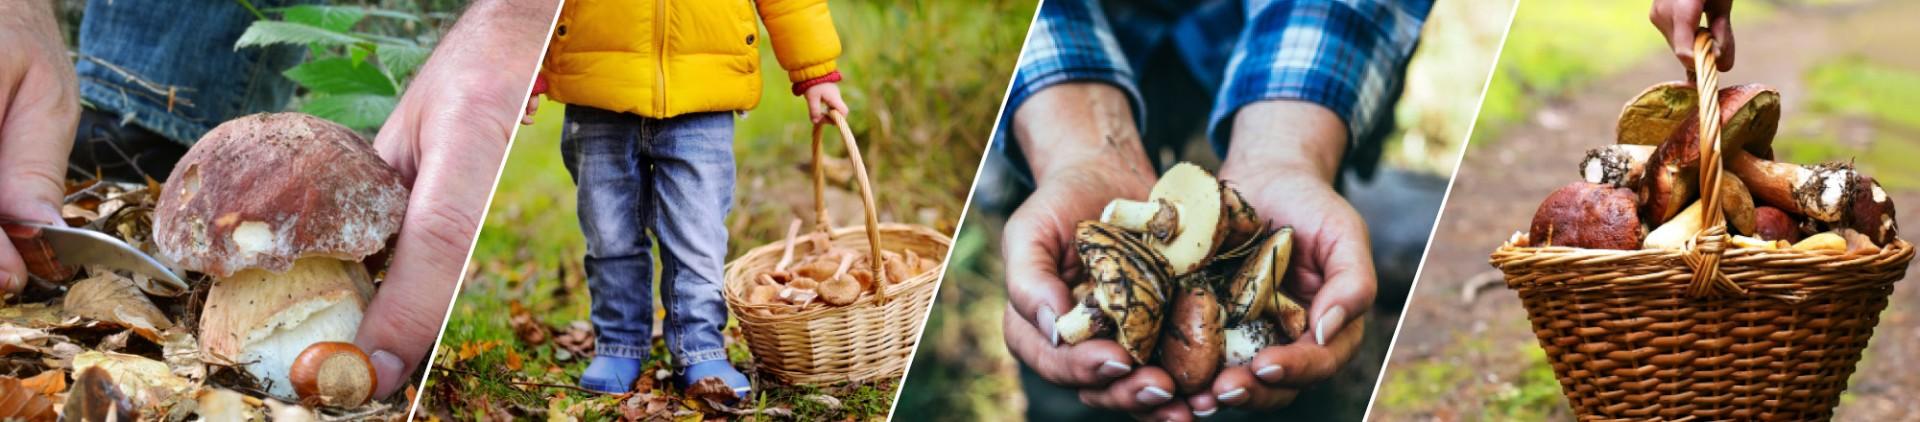 Balades champignons en province de Liège